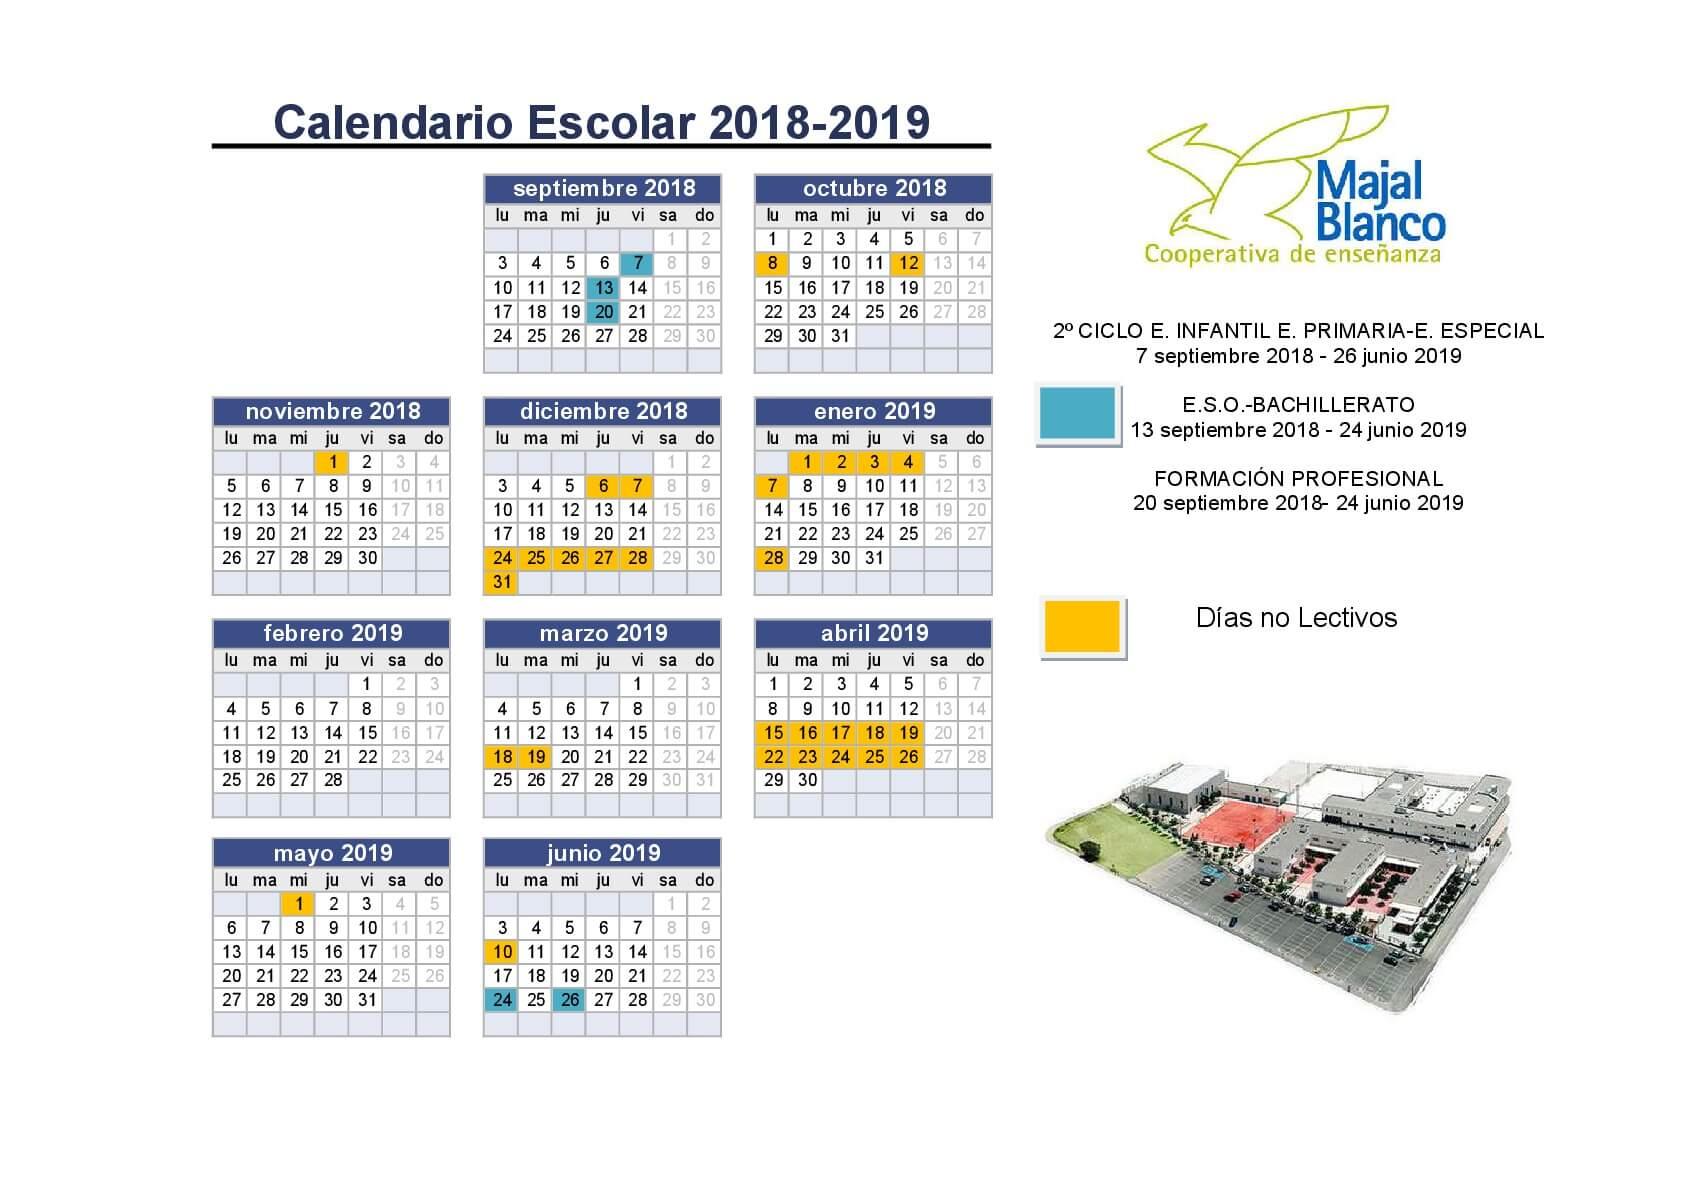 Calendario Escolar Murcia 2019.Calendario 2018 001 Centro Concertado Majal Blanco